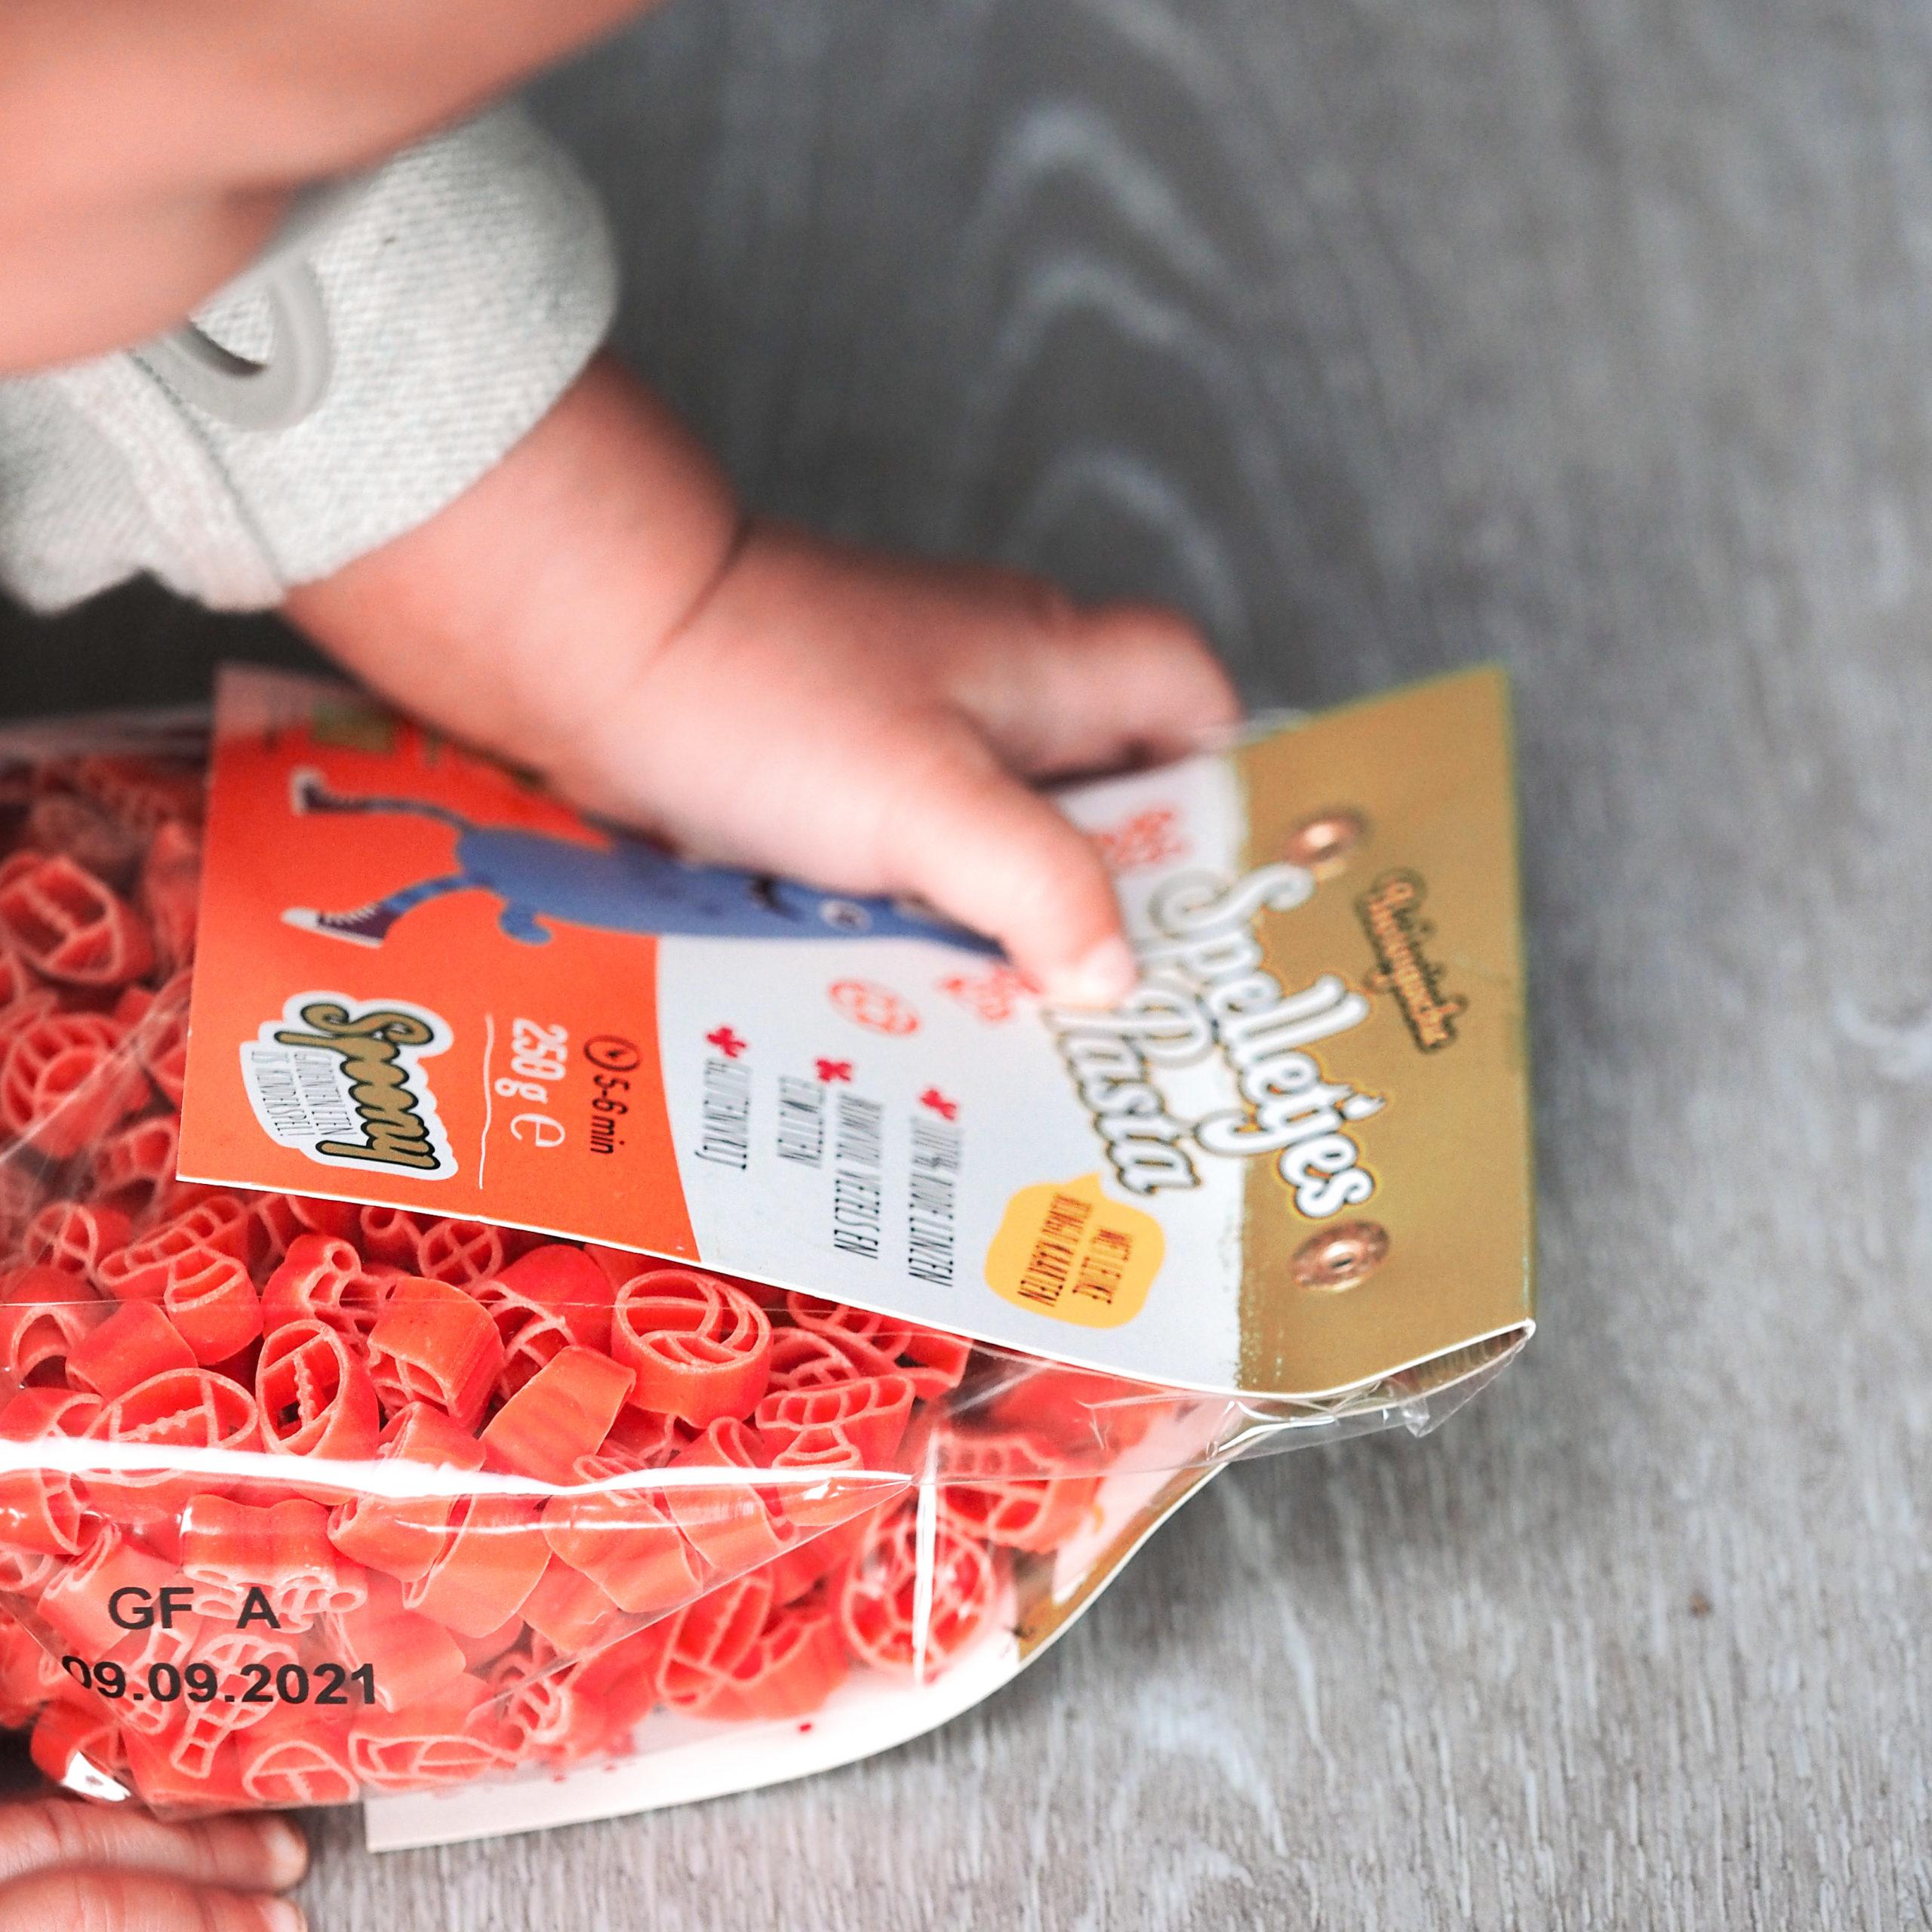 Dat niet alle kinderen goed groente eten is bekend. Spoony springt hier op in door op een speelse wijze de kinderen groente aan te bieden.